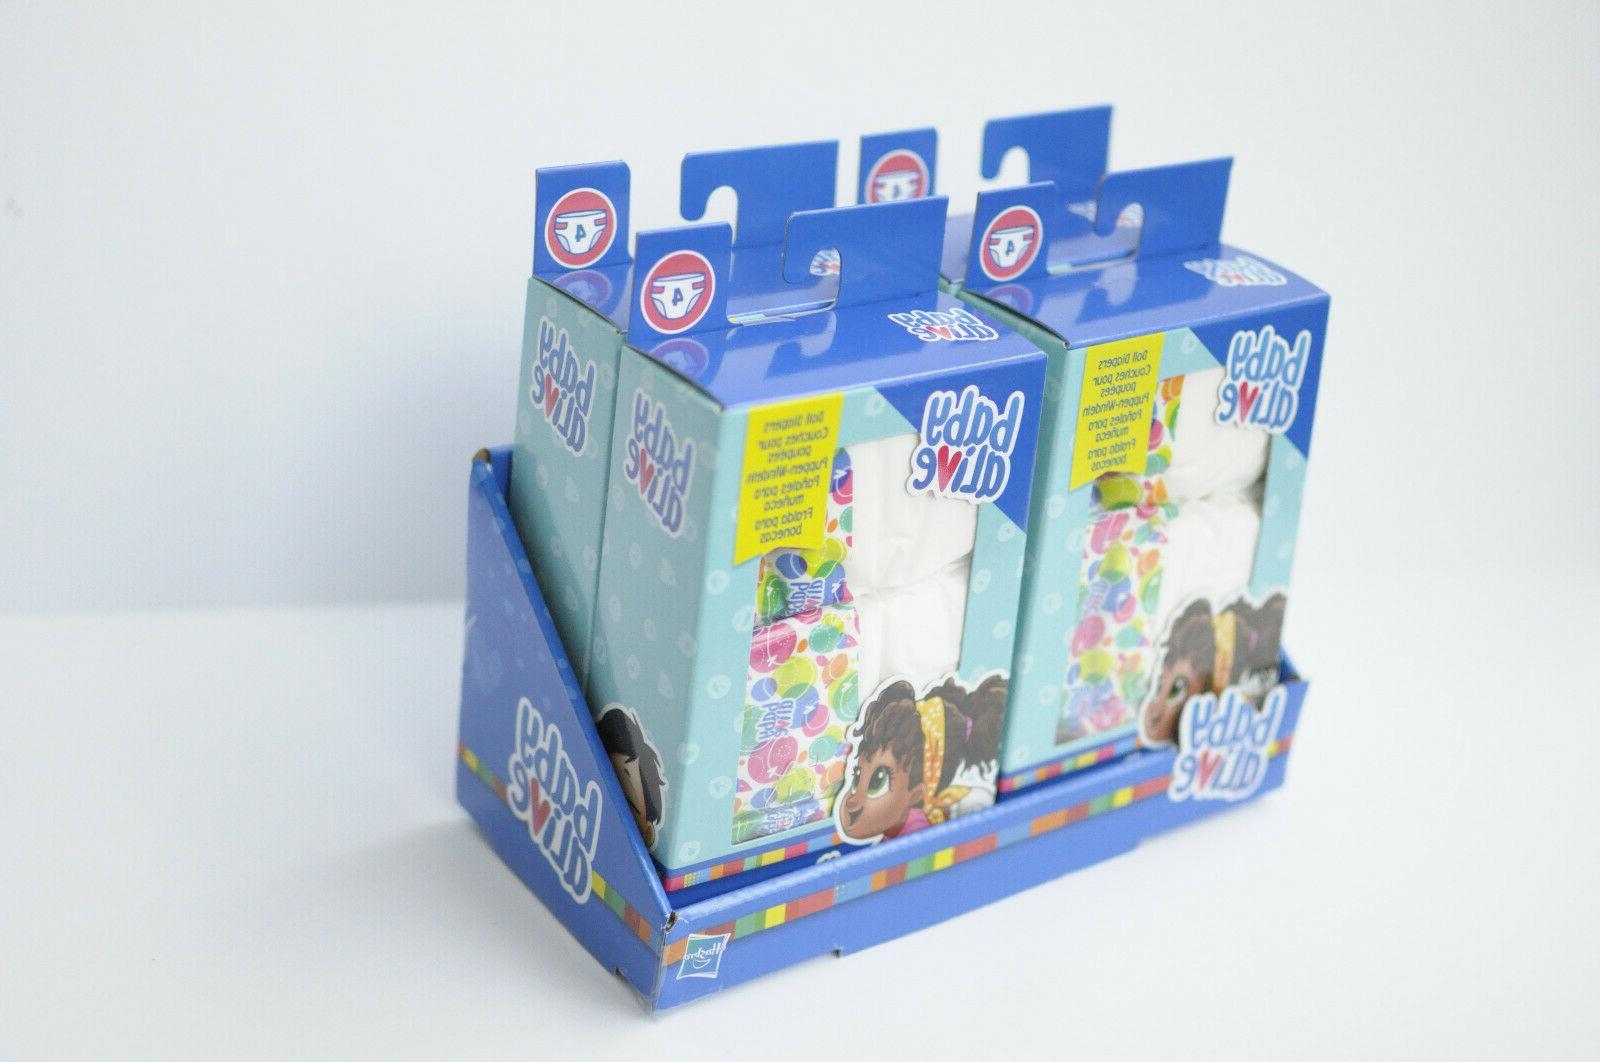 Hasbro Baby Alive Diaper Refill per 16 Total Toys Accessories